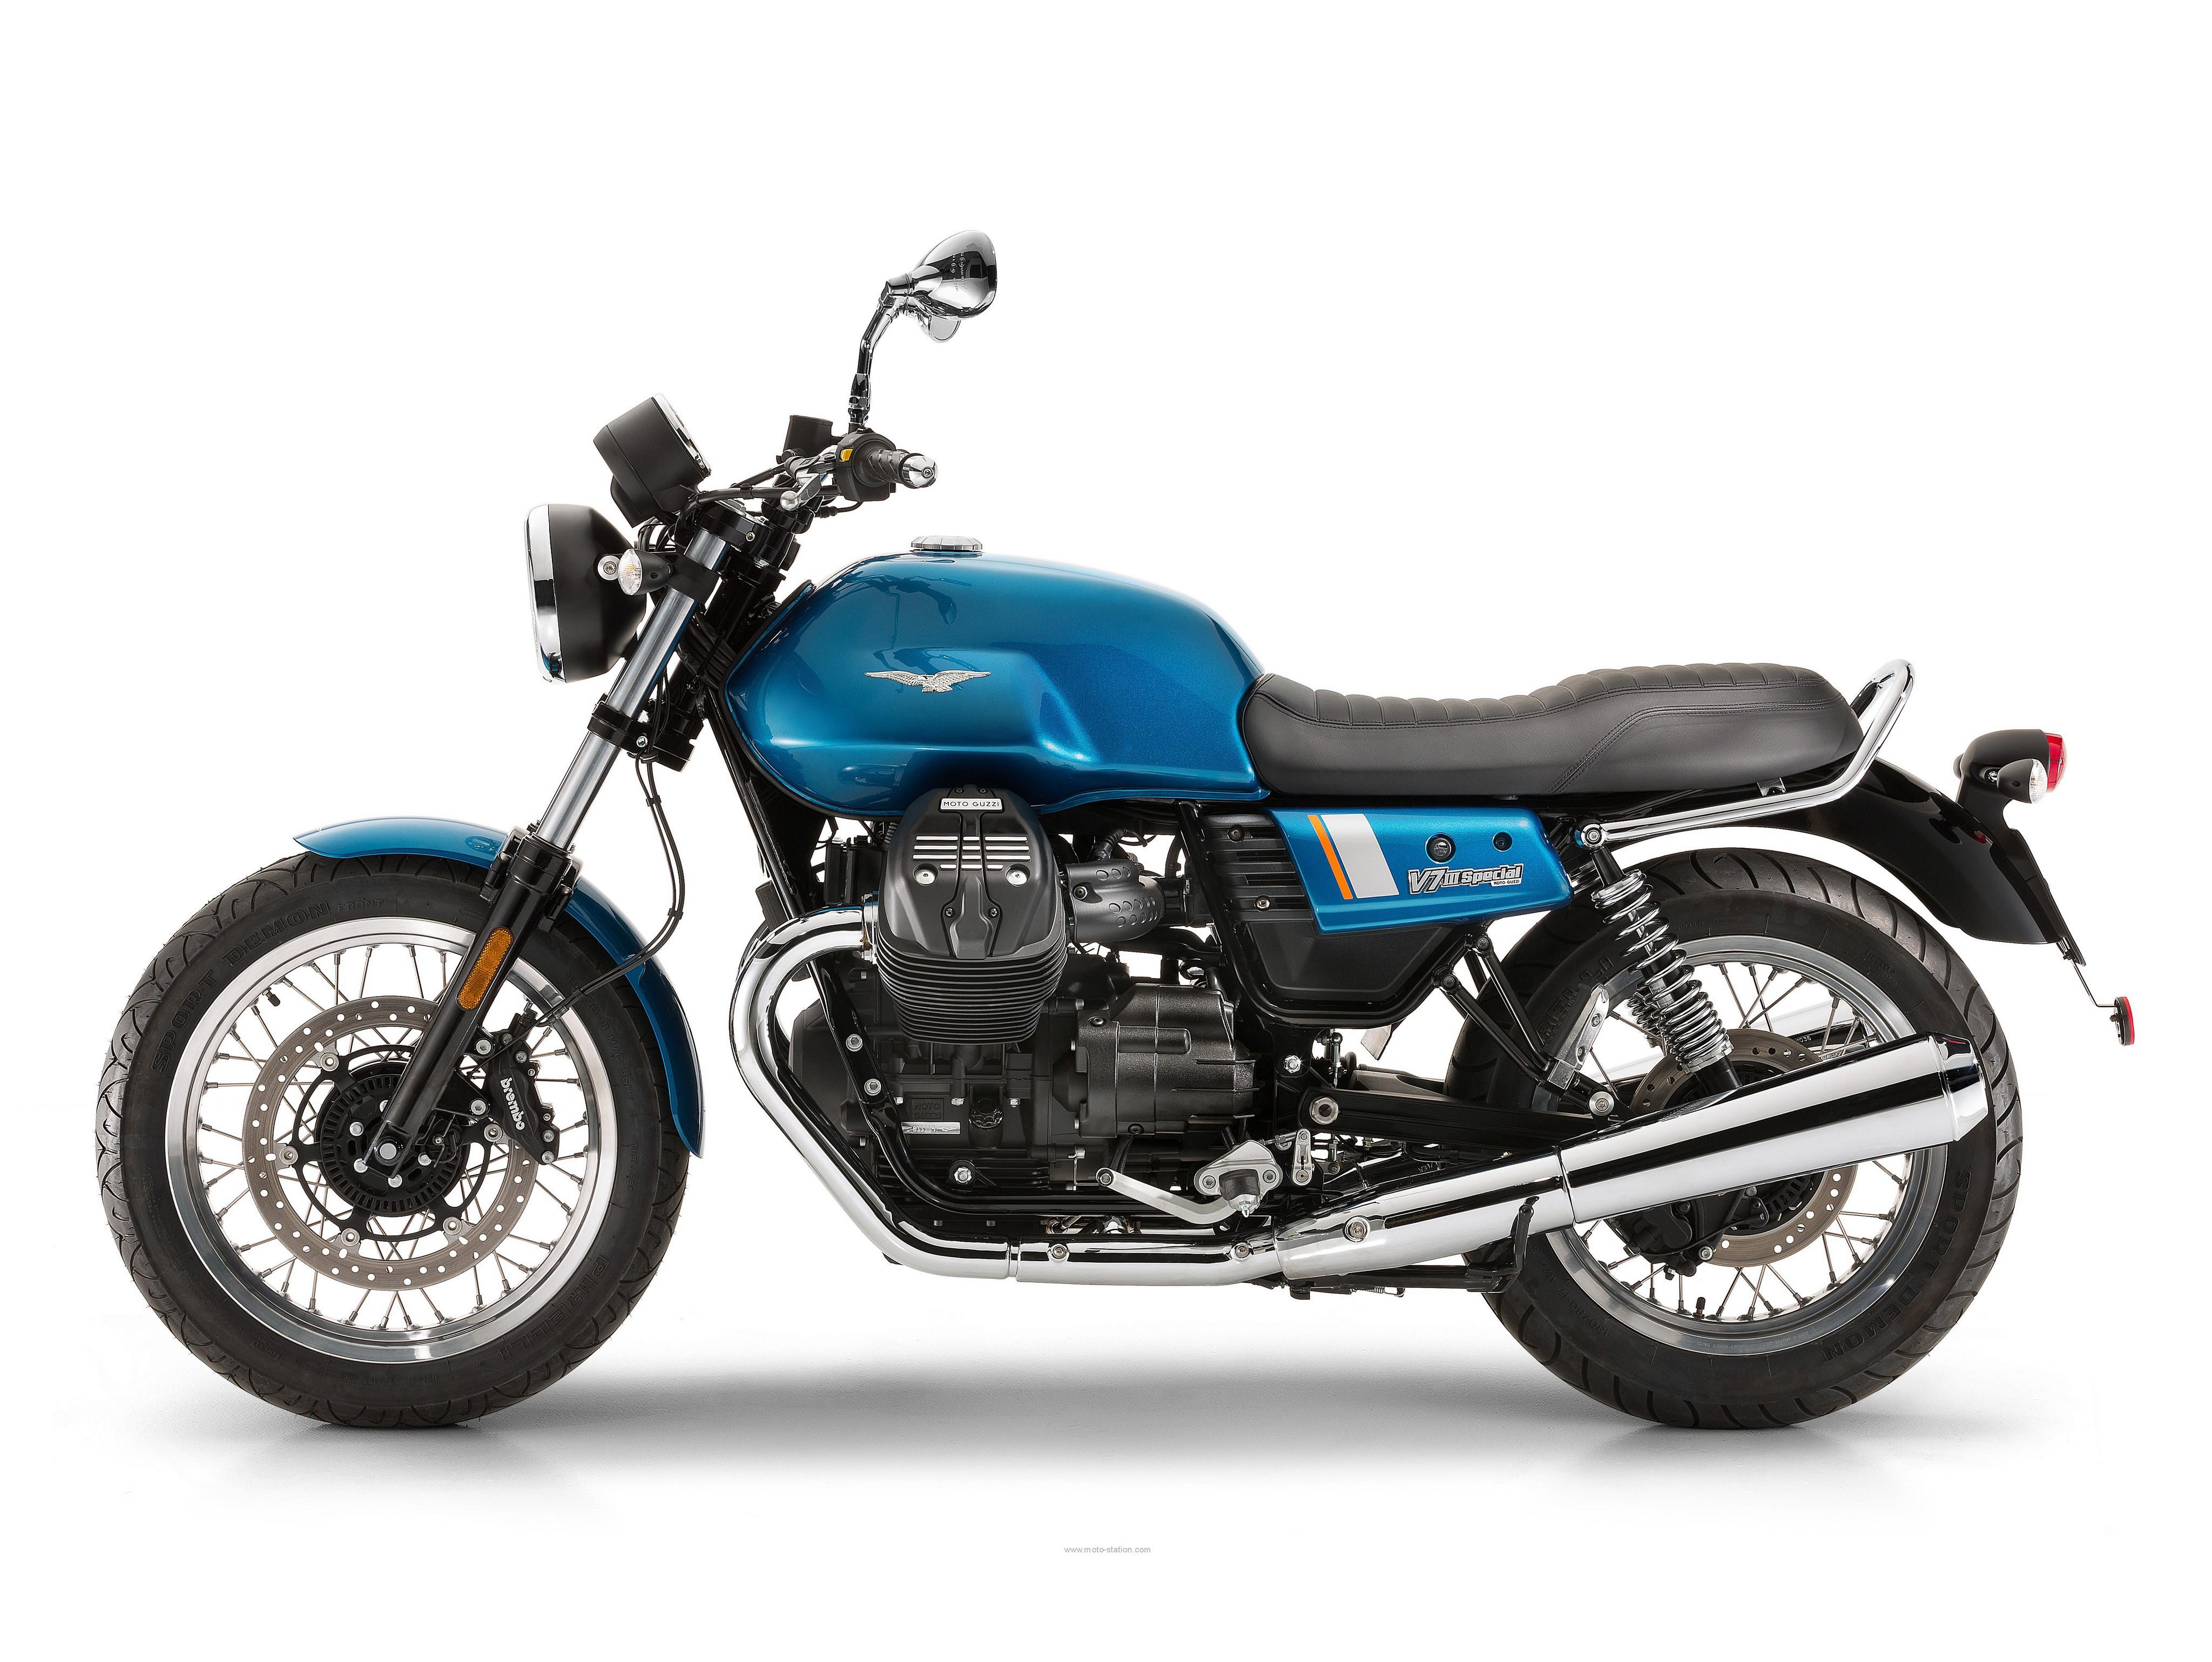 Bilder 2017-20 Moto Guzzi V7 IIl Special Motorrad Seitlich Weißer hintergrund 4096x3077 Motorräder